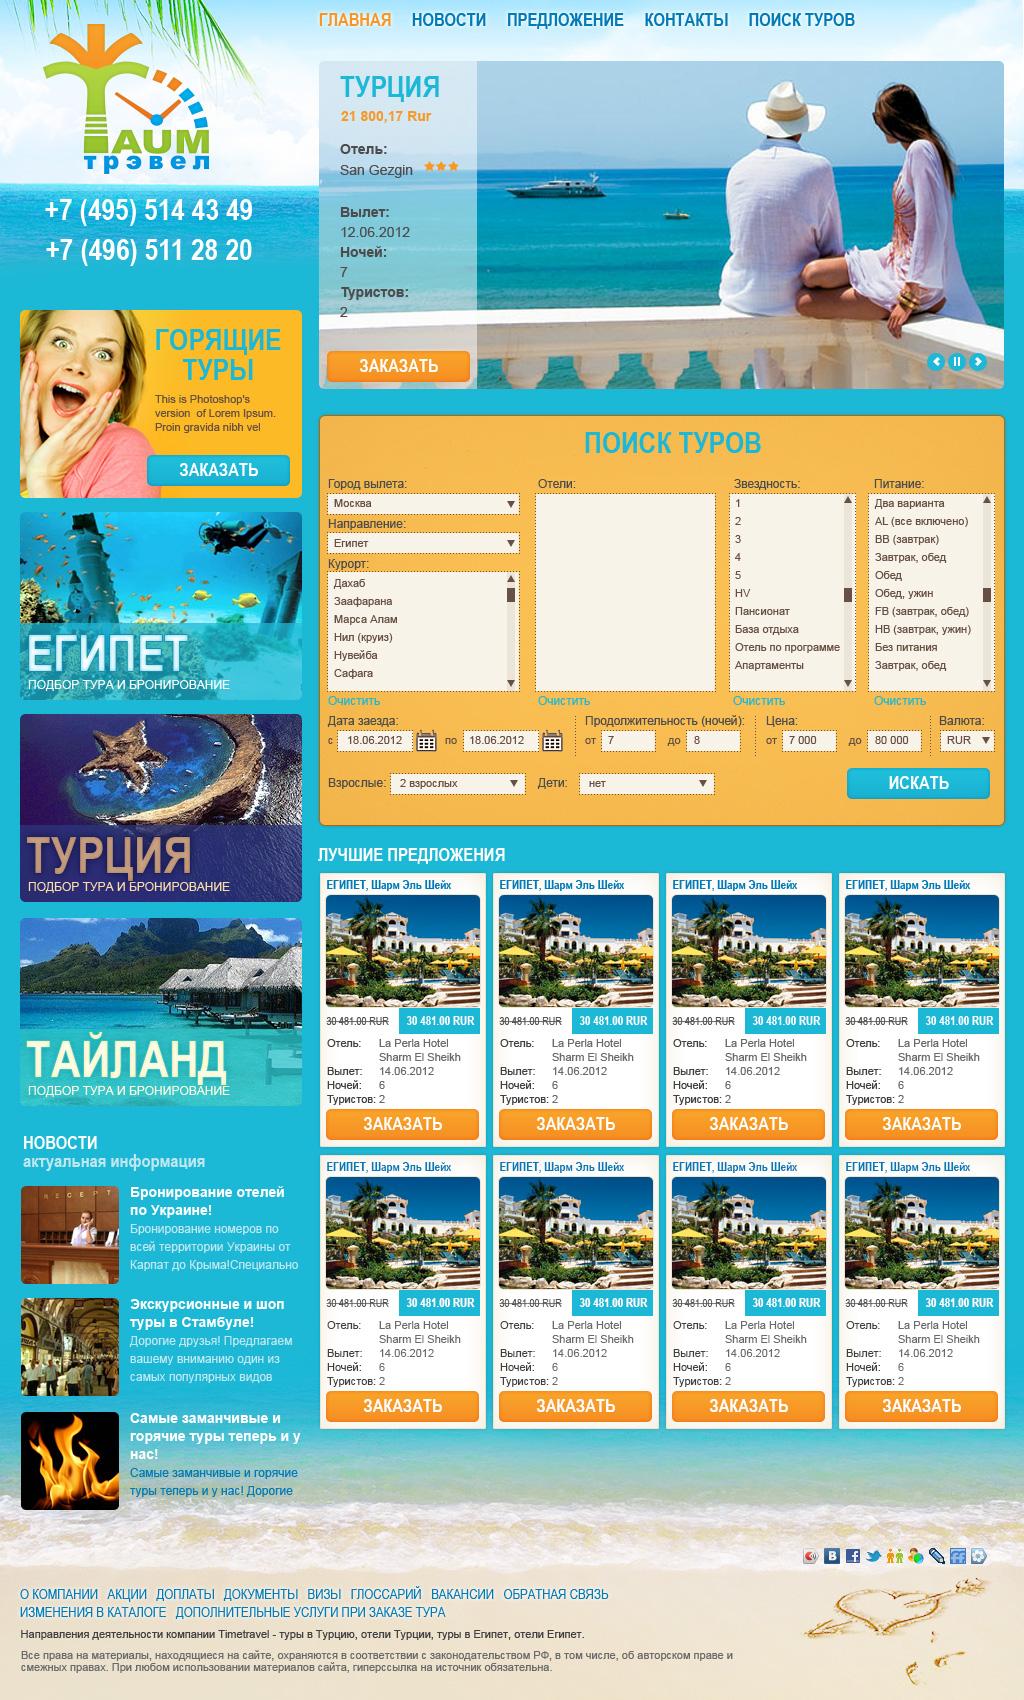 Создание туристического сайта в Москве